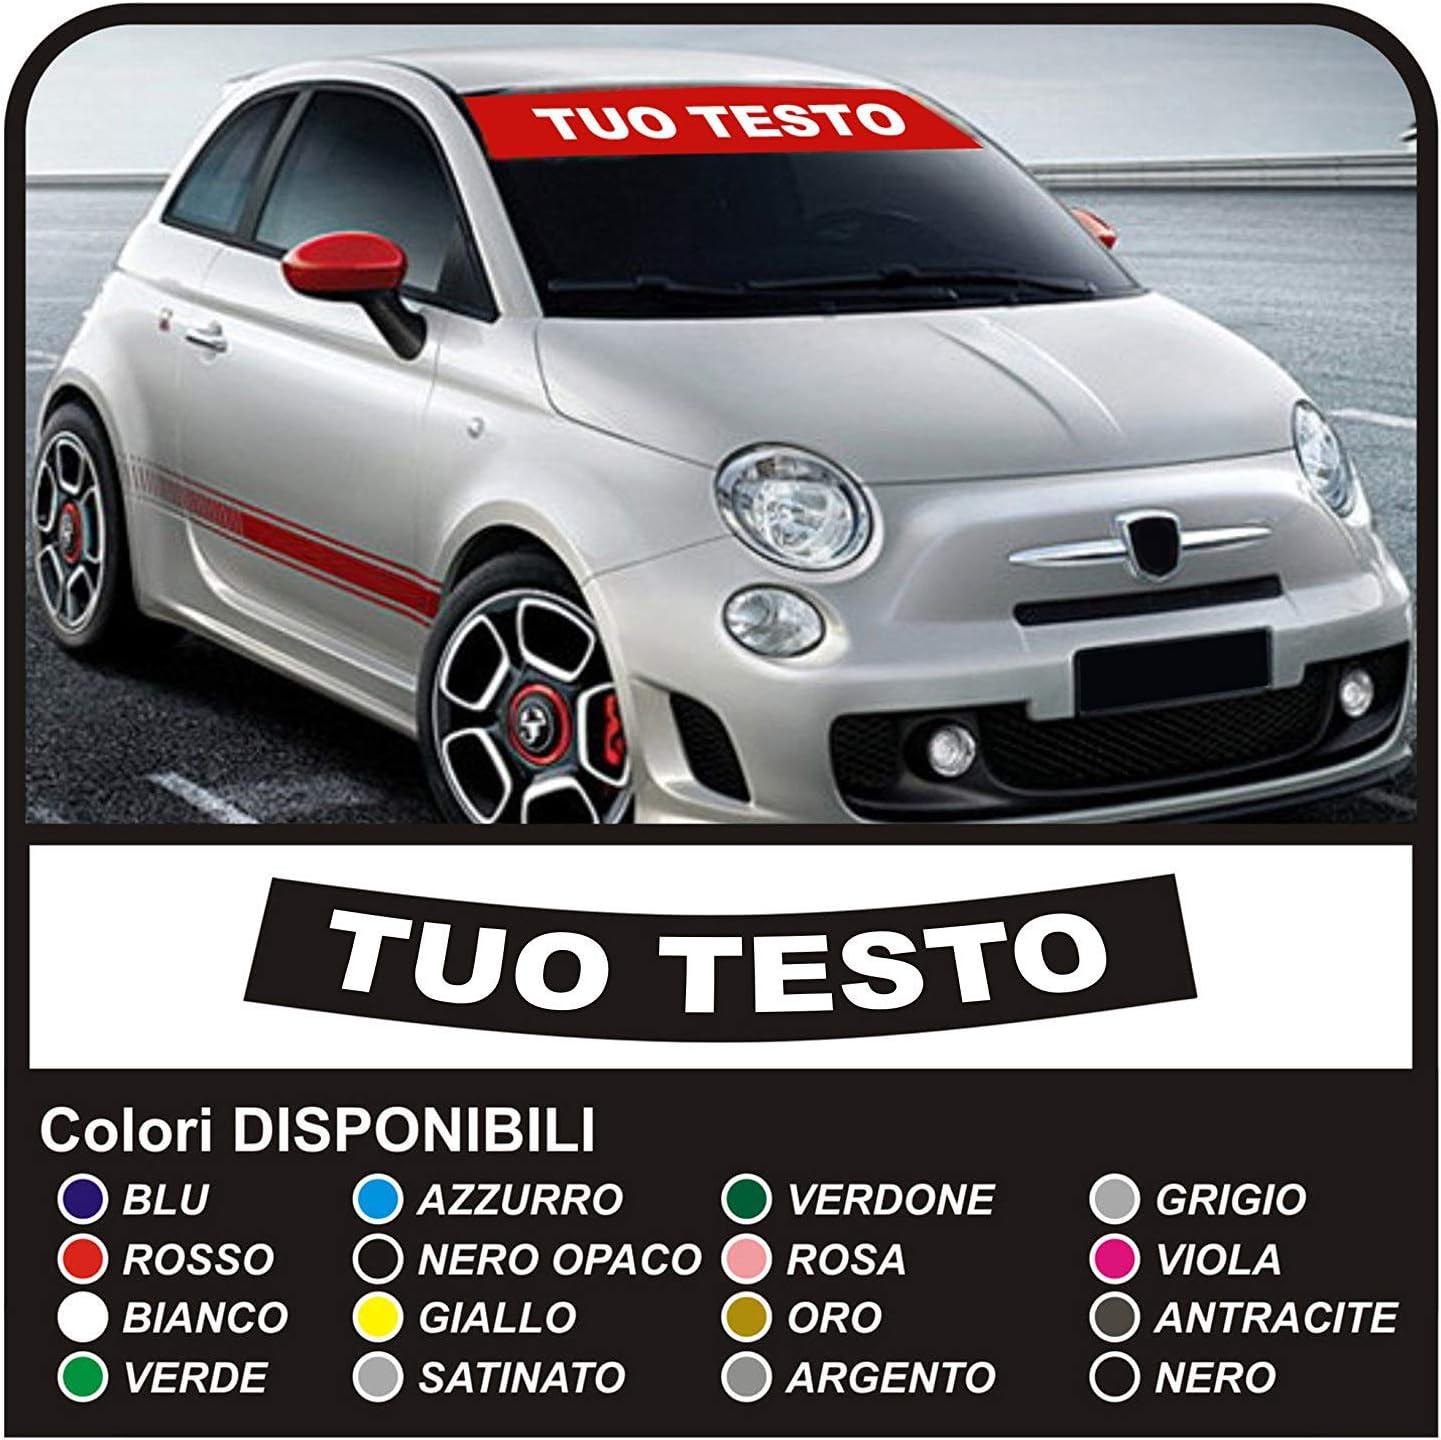 adesivi FASCIA PARASOLE stickers decals CONTATTACI ALTRO COLORE